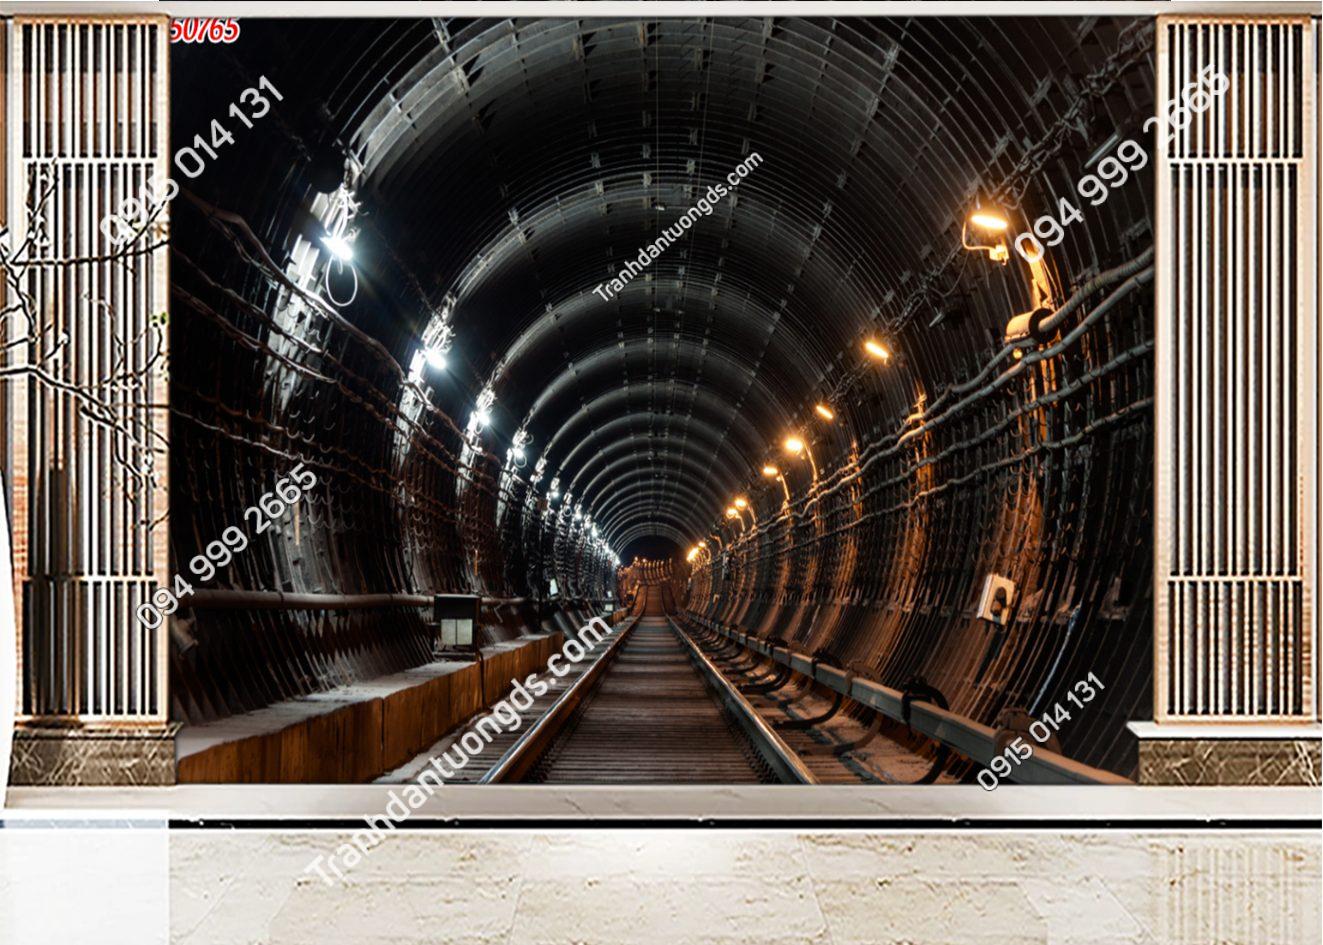 Tranh dán tường con đường hầm mỏ 50765